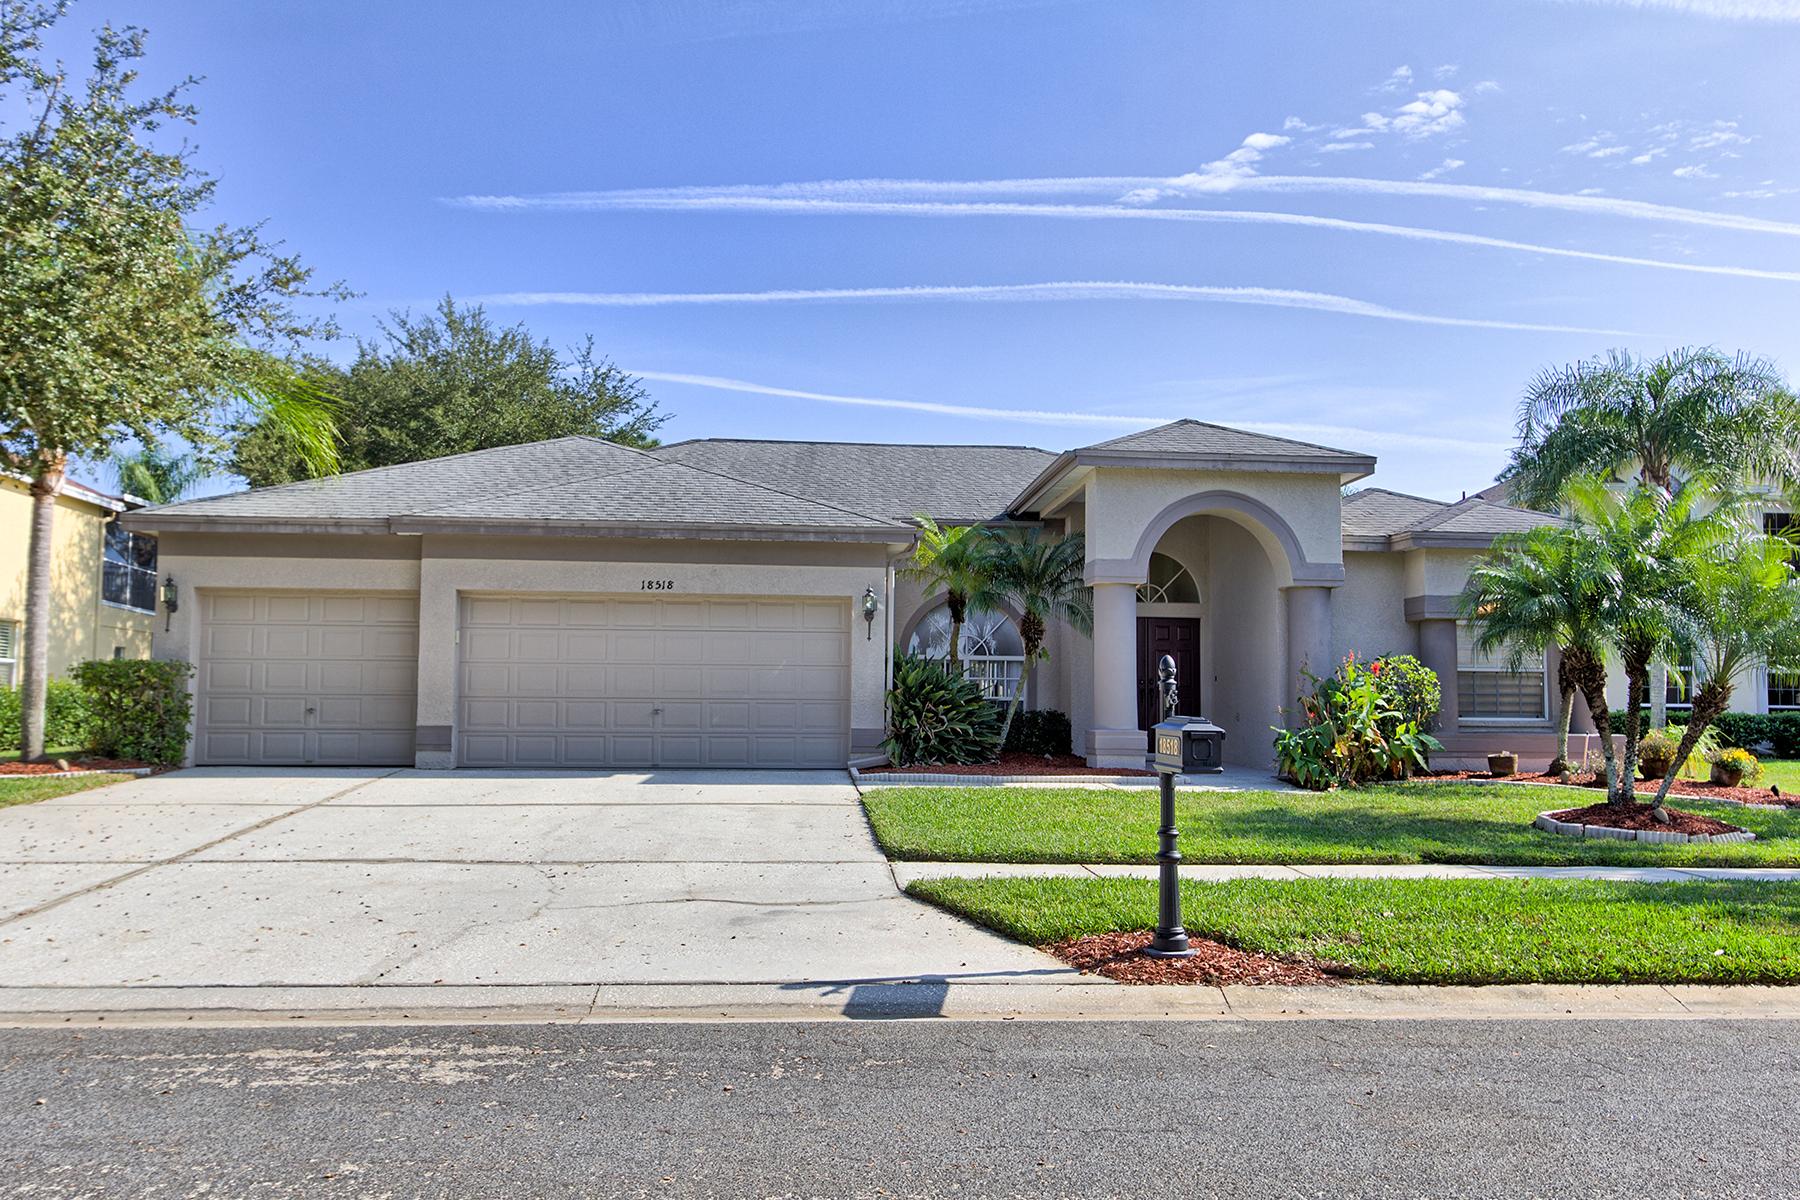 Villa per Vendita alle ore CALUSA TRACE 18518 Bittern Ave Lutz, Florida, 33558 Stati Uniti